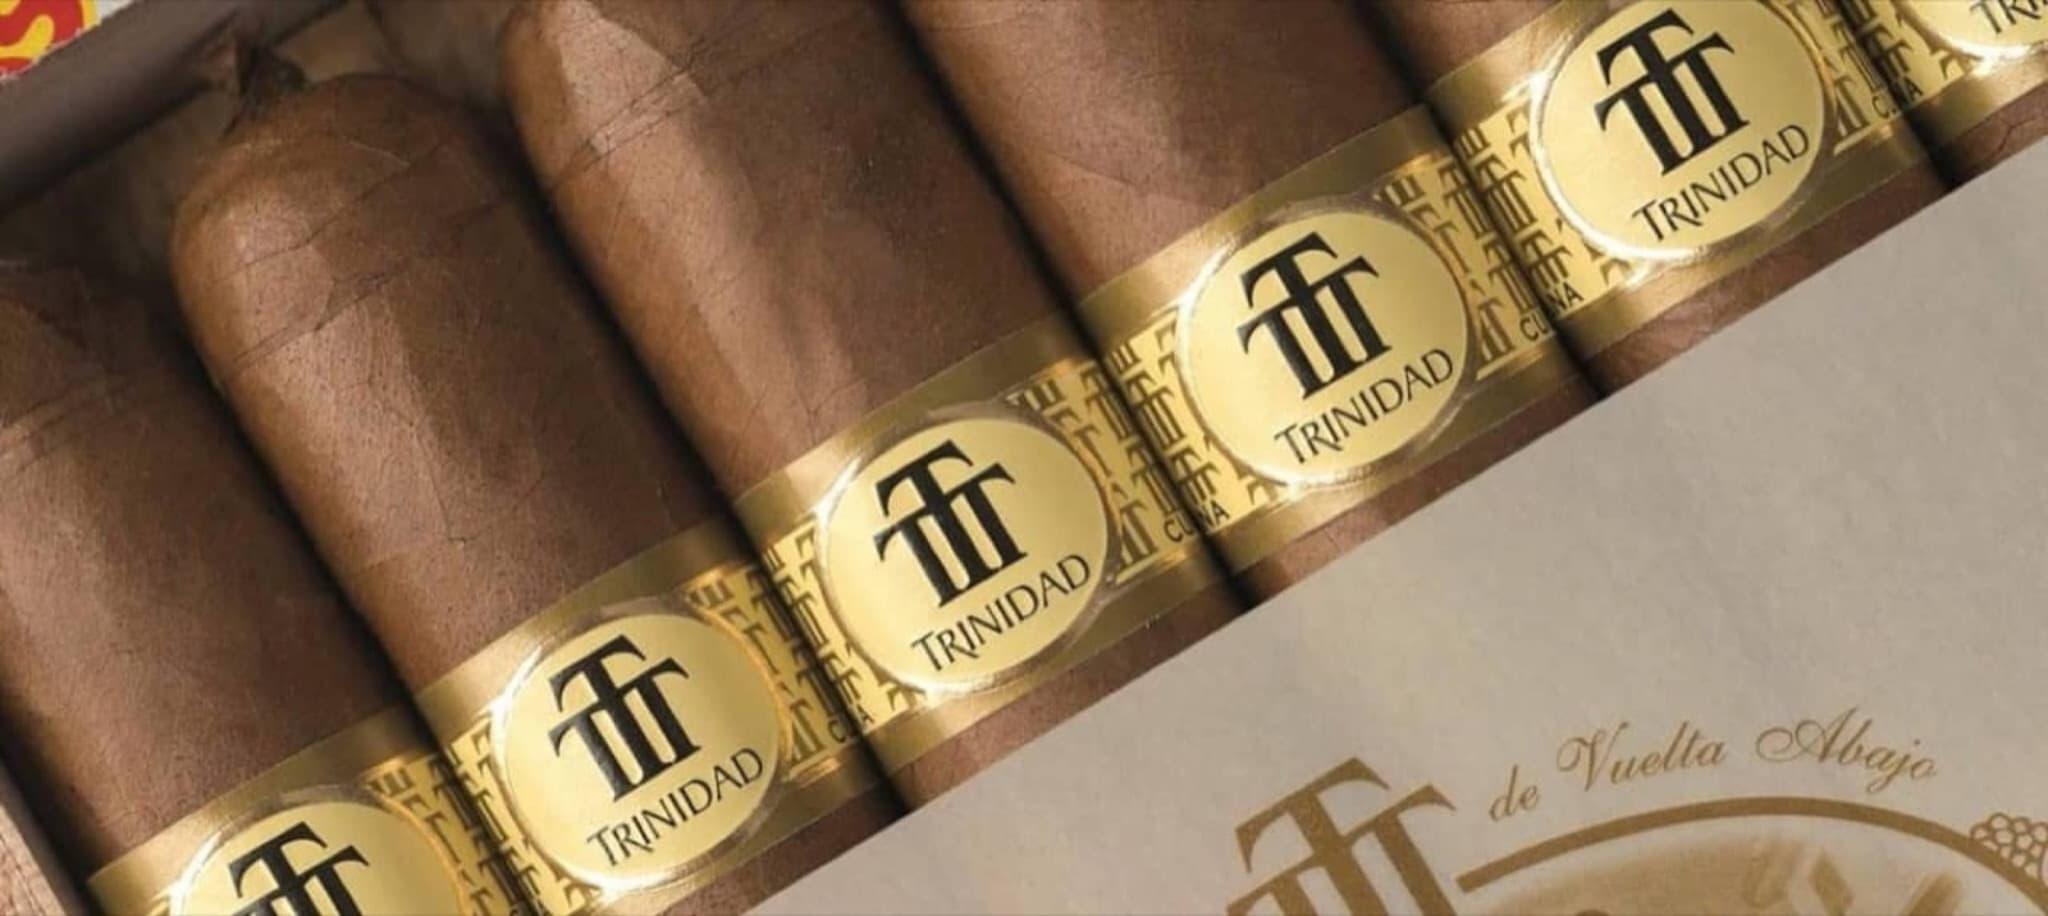 Trinidad Vigia 14